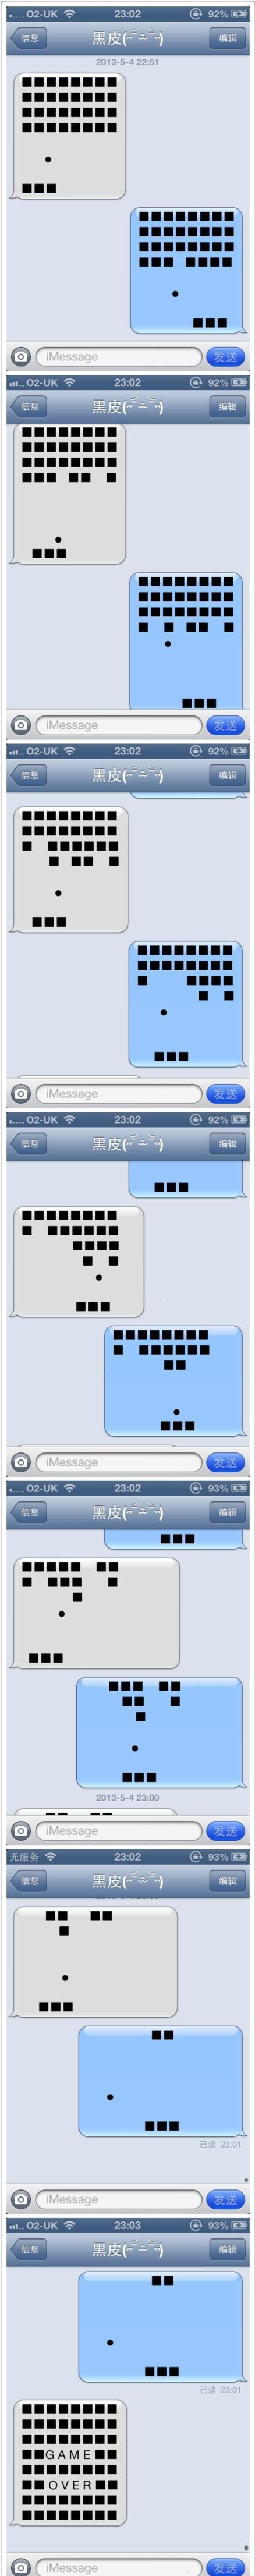 玩坏的短信……打砖块.....真是无聊到了神的境界!!!